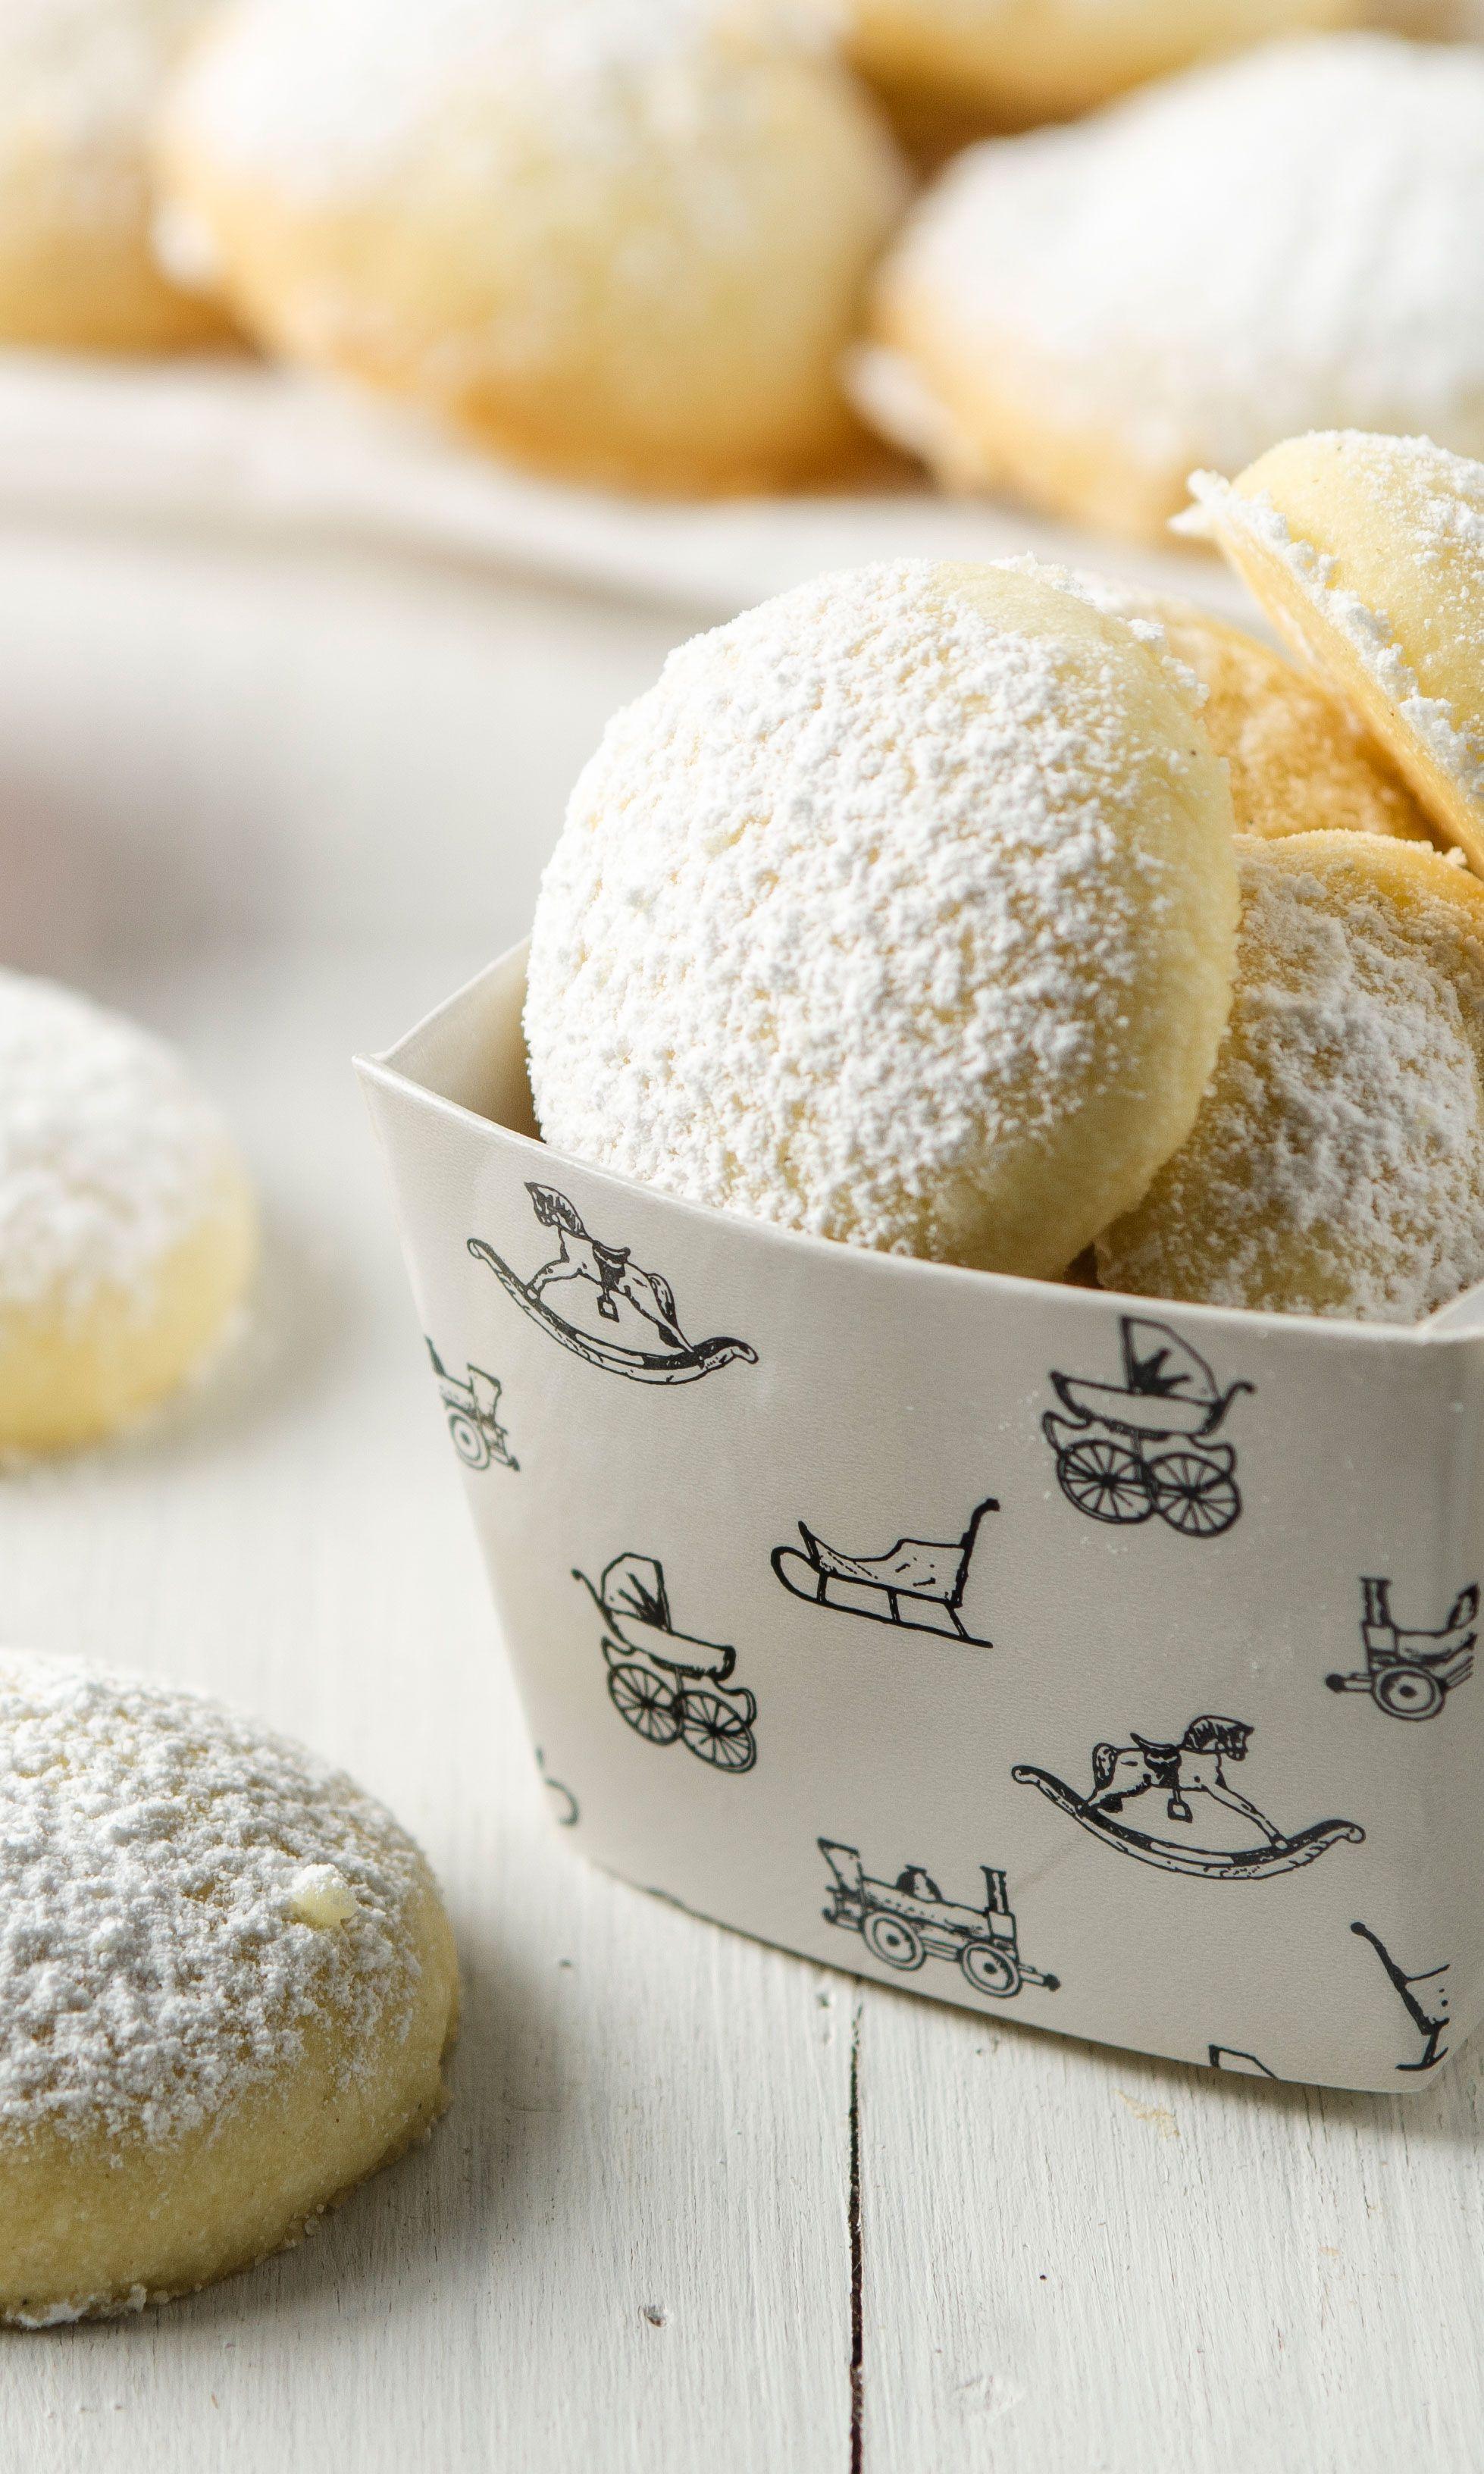 Schnelle Weihnachtskekse.Dieses Art Von Schneebälle Mögen Wir Besonders Gern Deserti